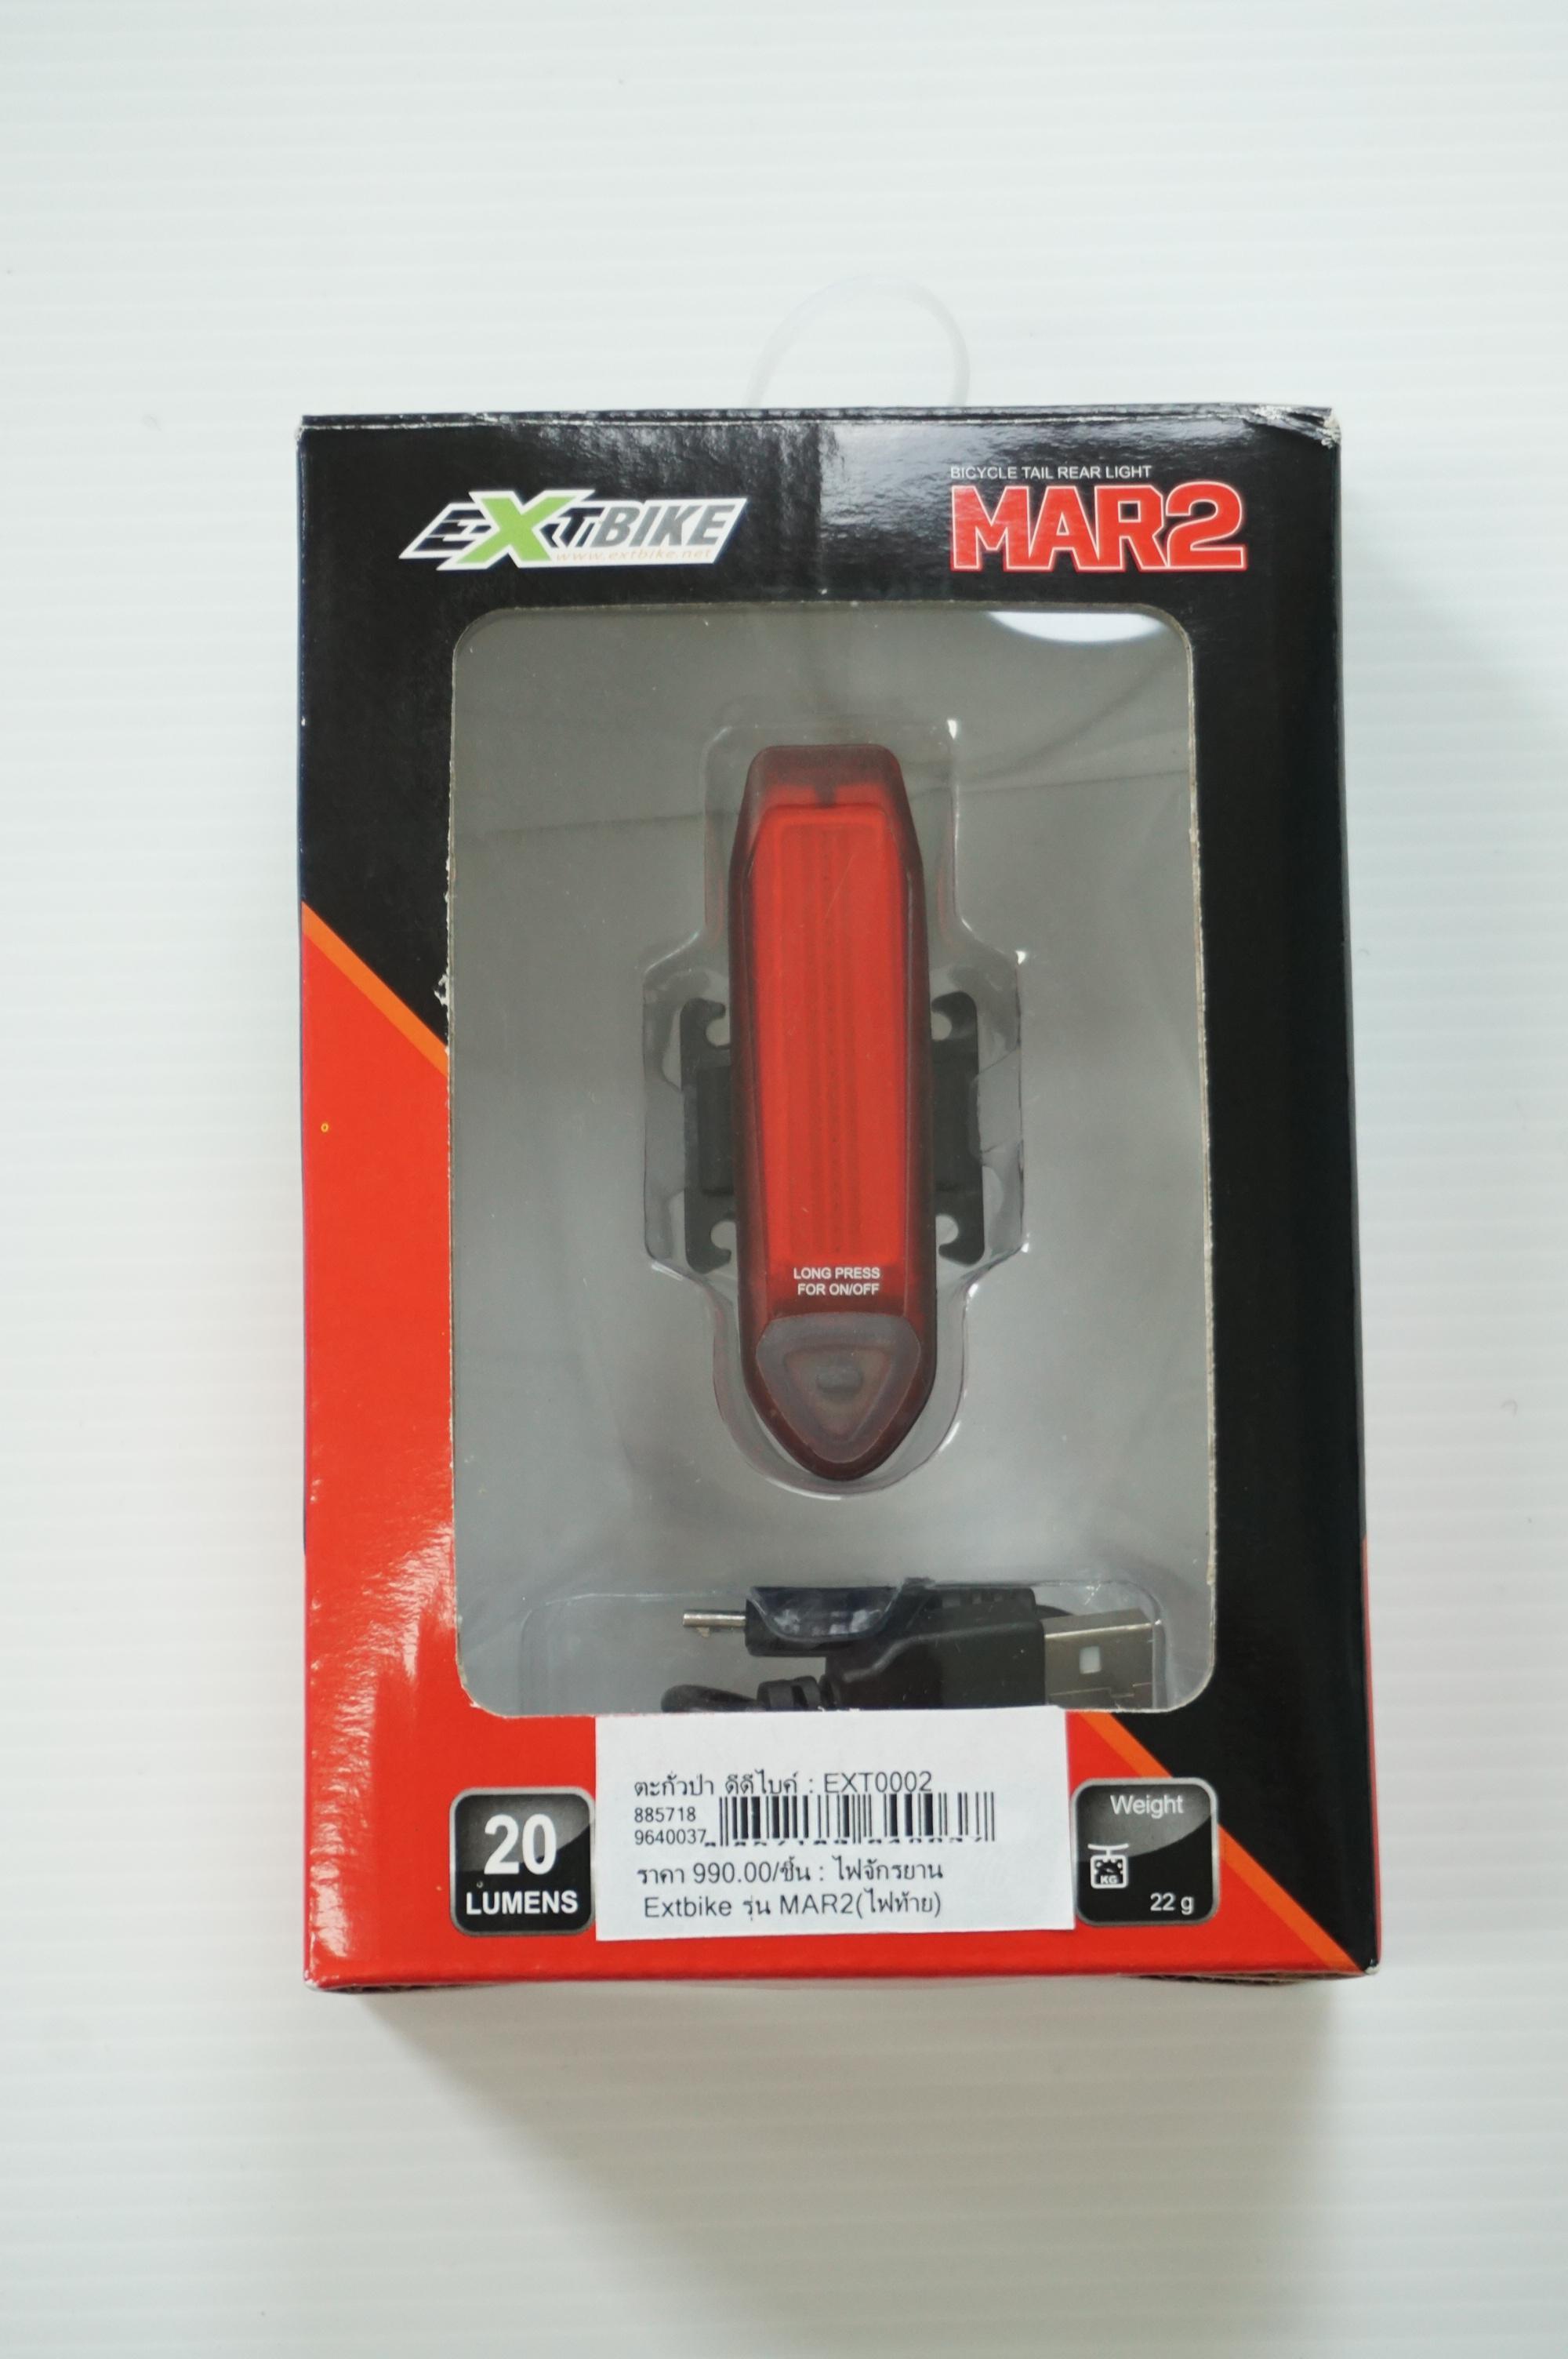 ไฟจักรยาน Extbike รุ่น MAR2(ไฟท้าย)